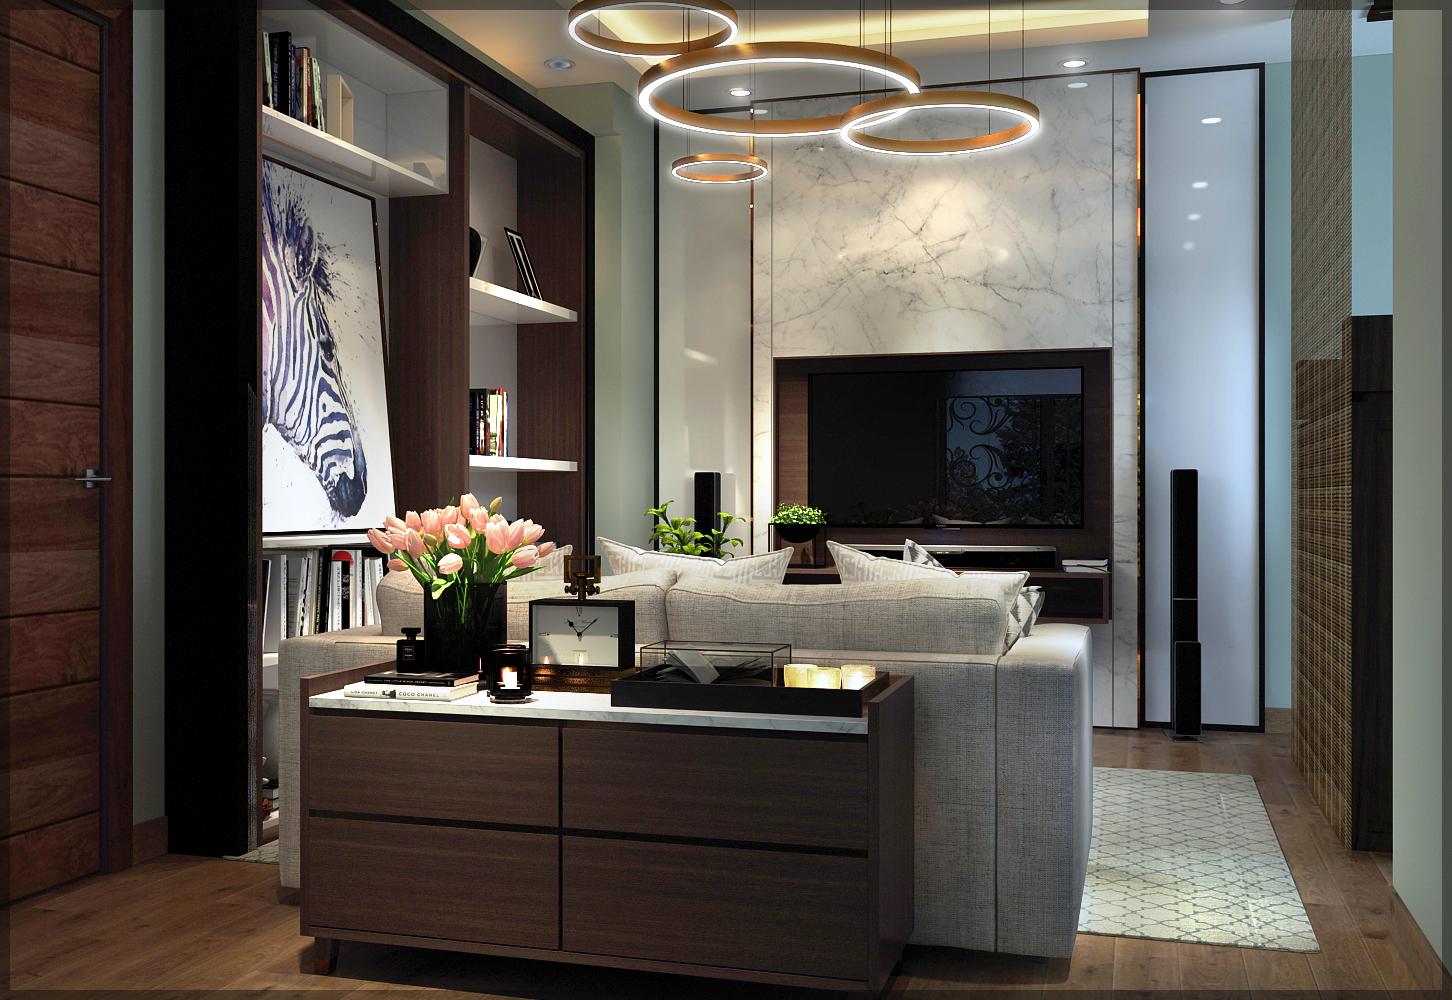 thiết kế nội thất Biệt Thự tại Hồ Chí Minh Mr Cường 14 1534911154